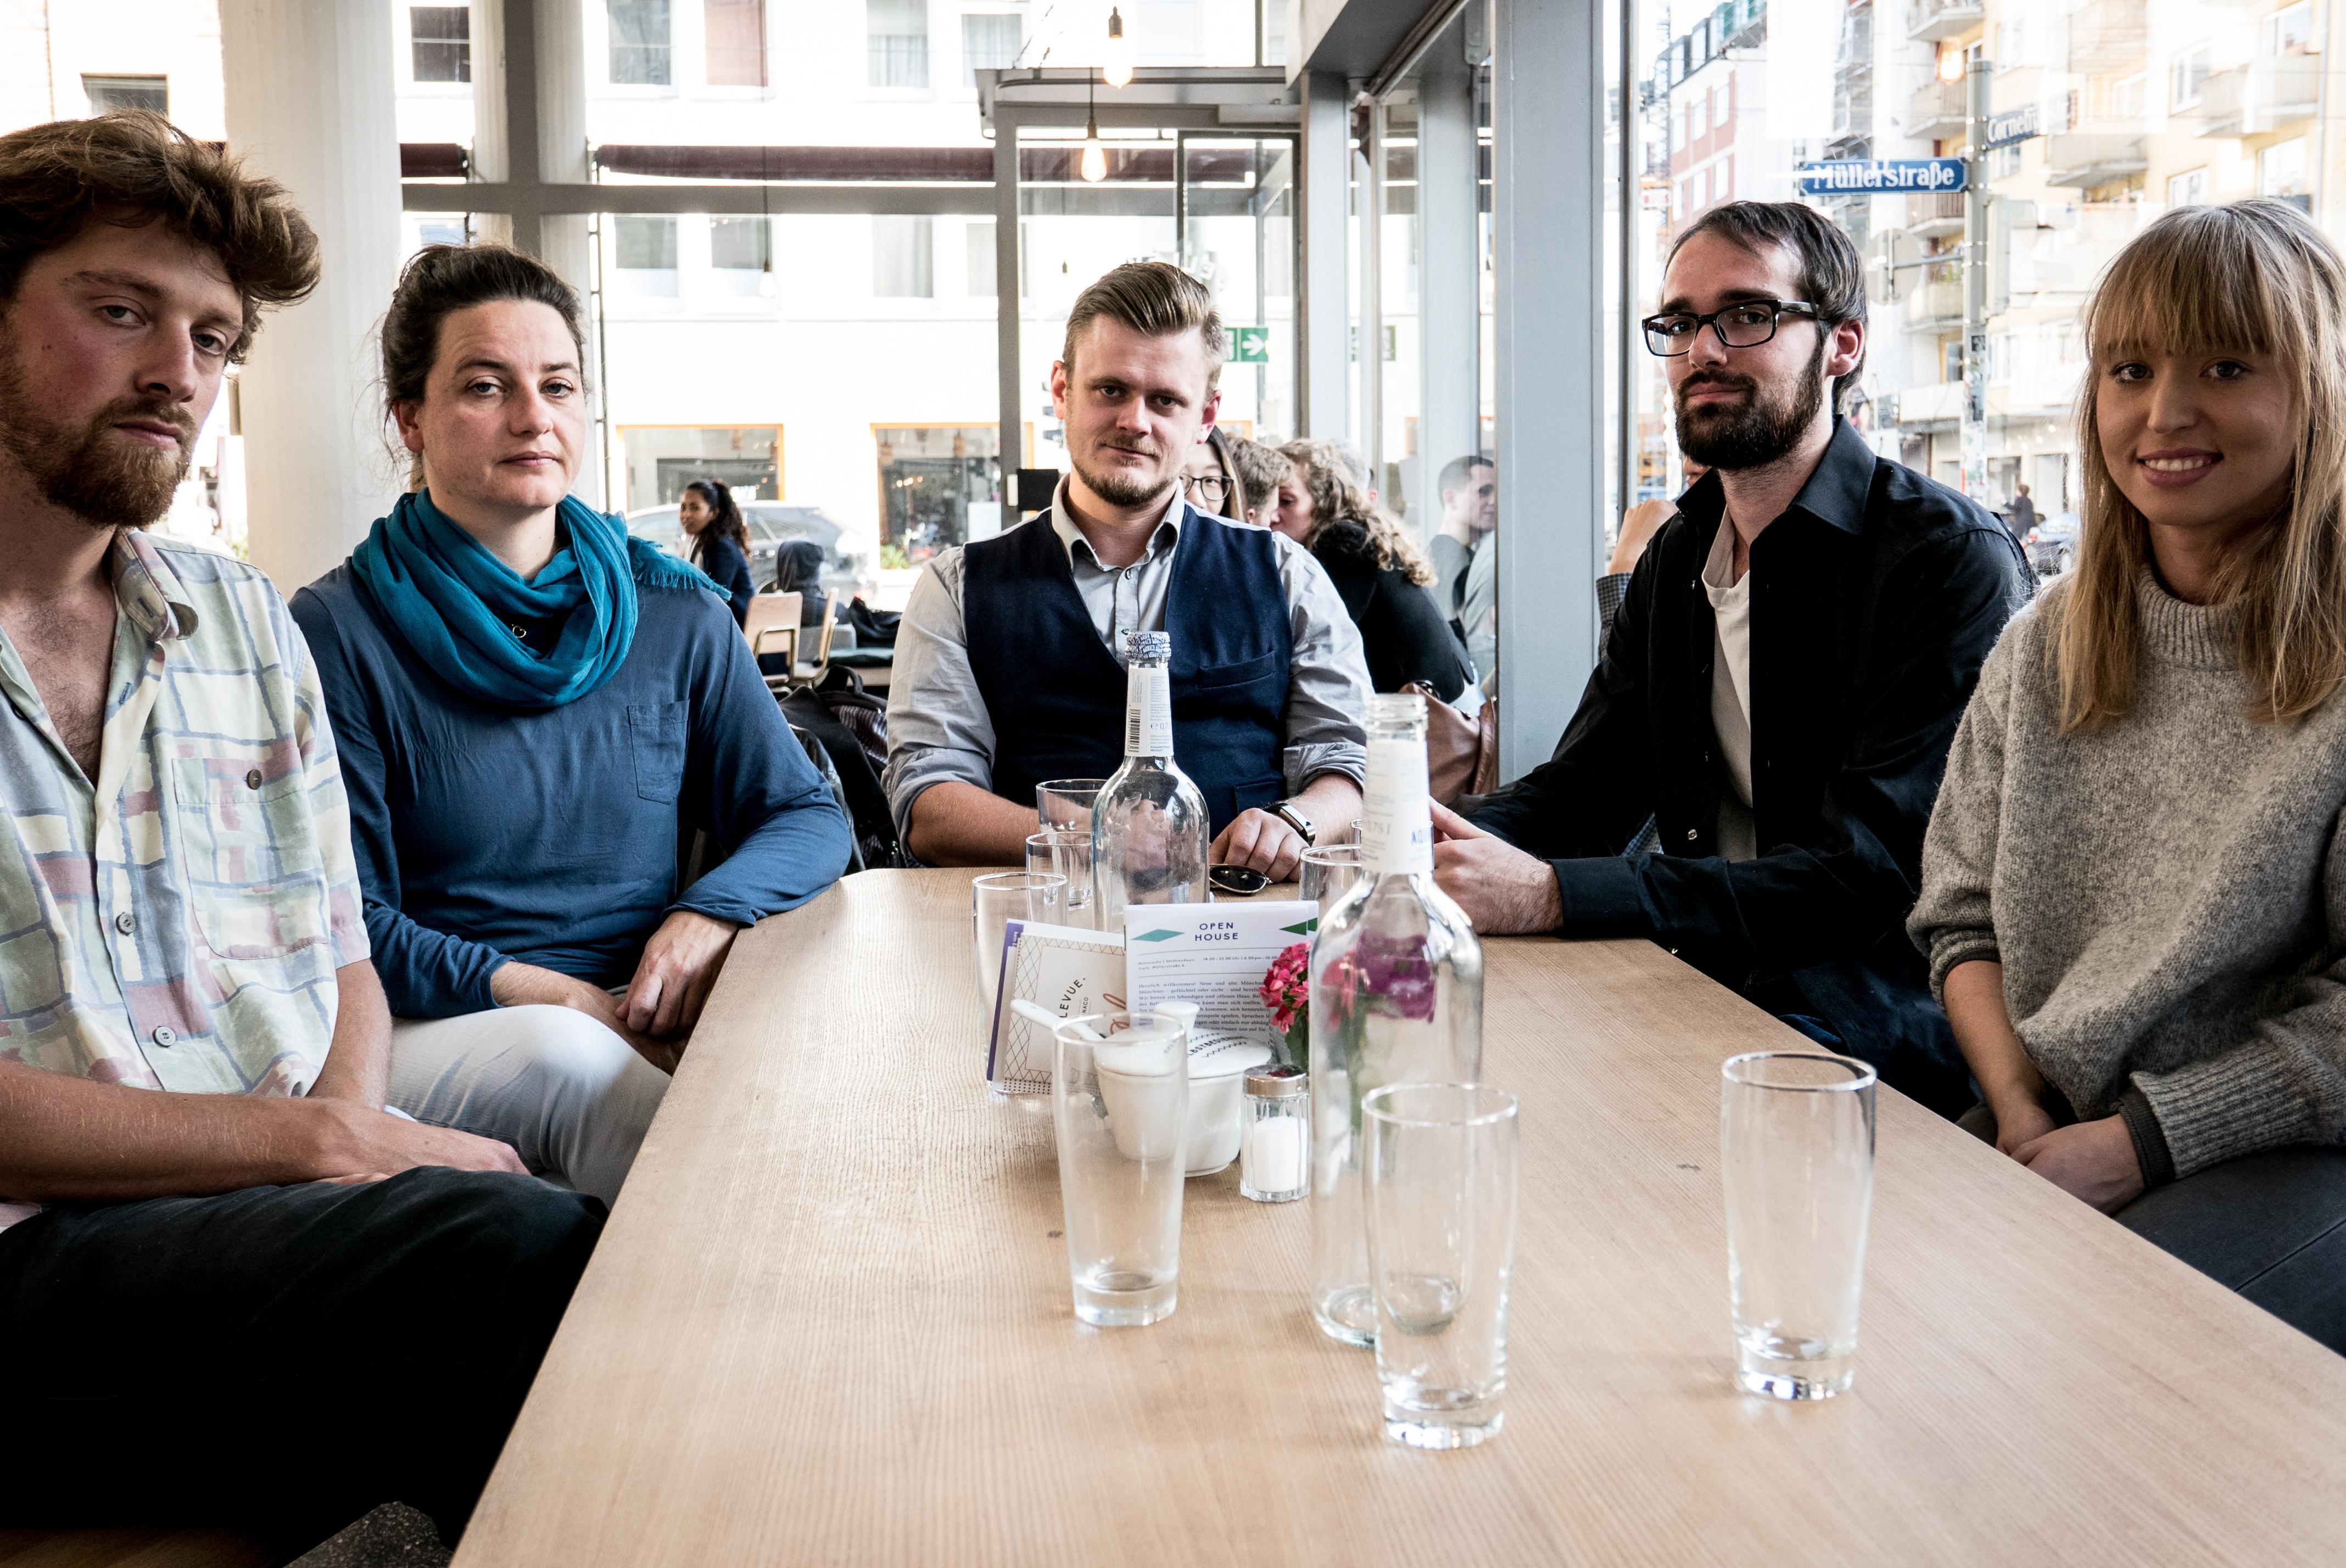 Landtagswahl: Die Interviewten von links nach rechts: Julian Prugger (Künstler und Aktivist), Maria Hafner (Musikerin), Jörg Brühmann (Biologe), Andreas X (Anarchist), Vroni Bittenbinder (Musikerin)